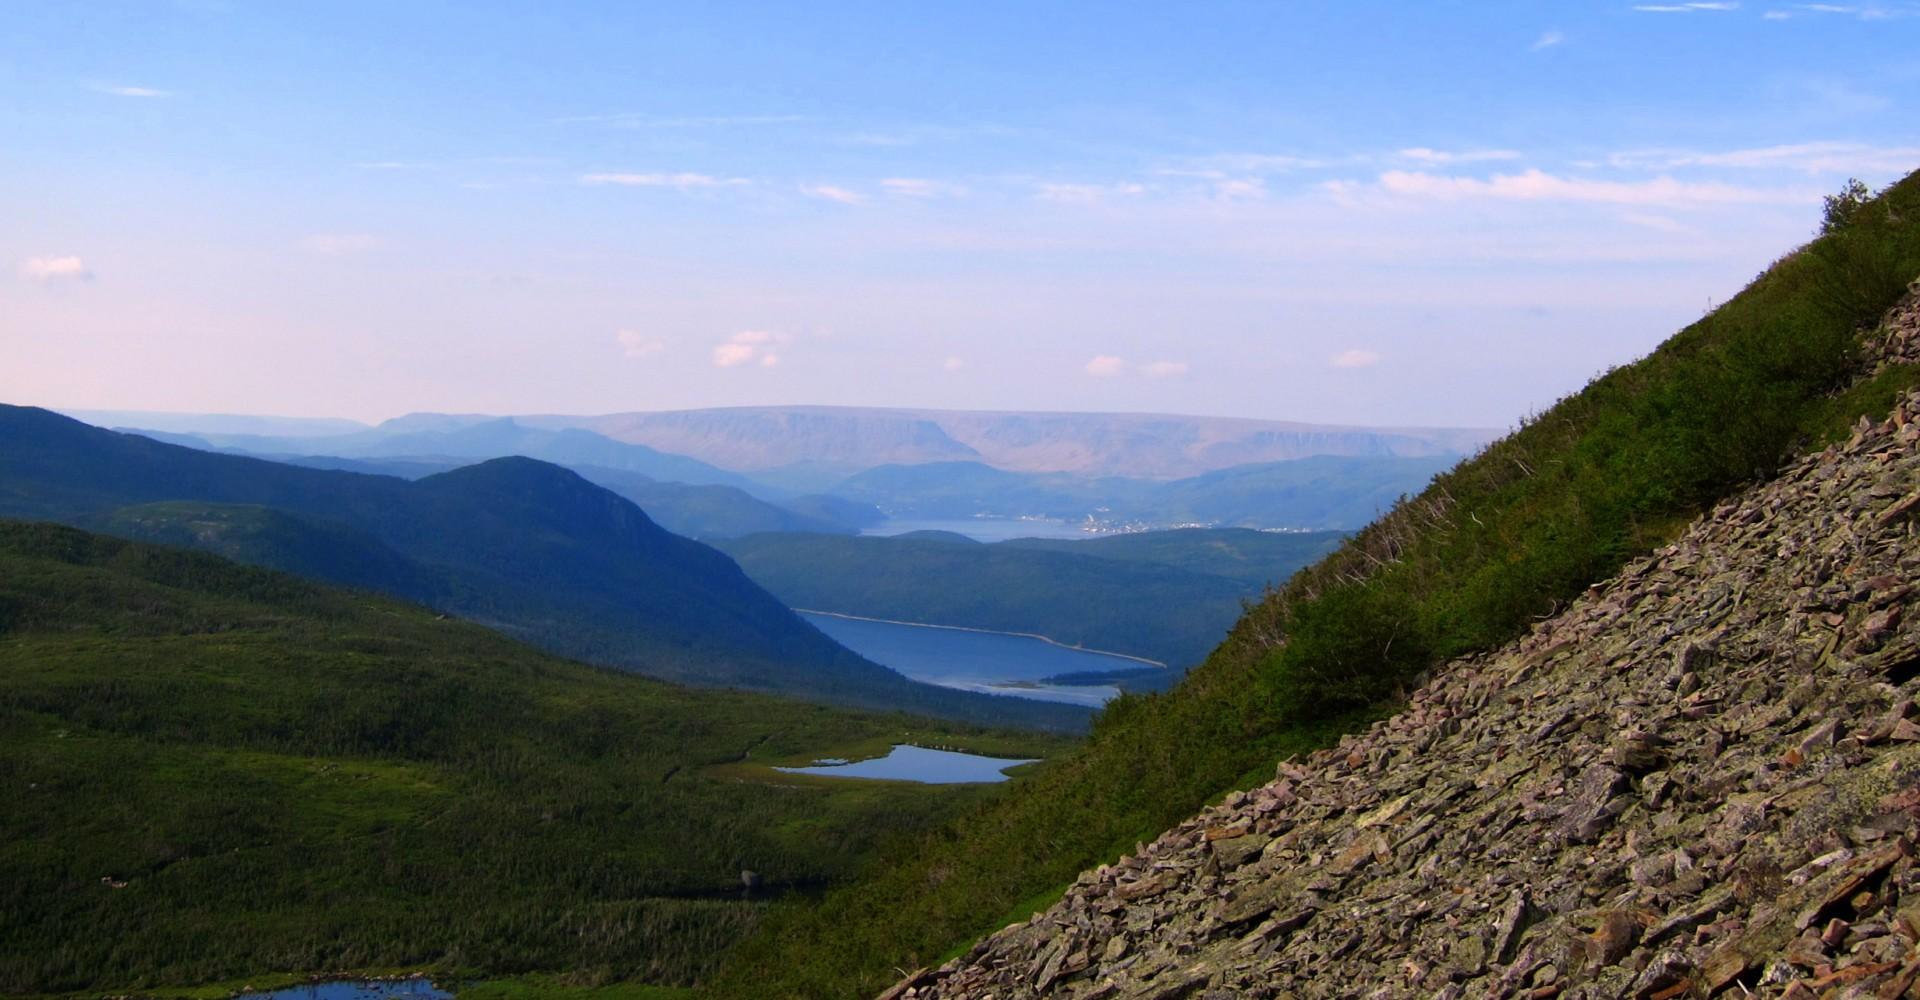 Birthday Mountain 2011: Climbing Gros Morne in Newfoundland